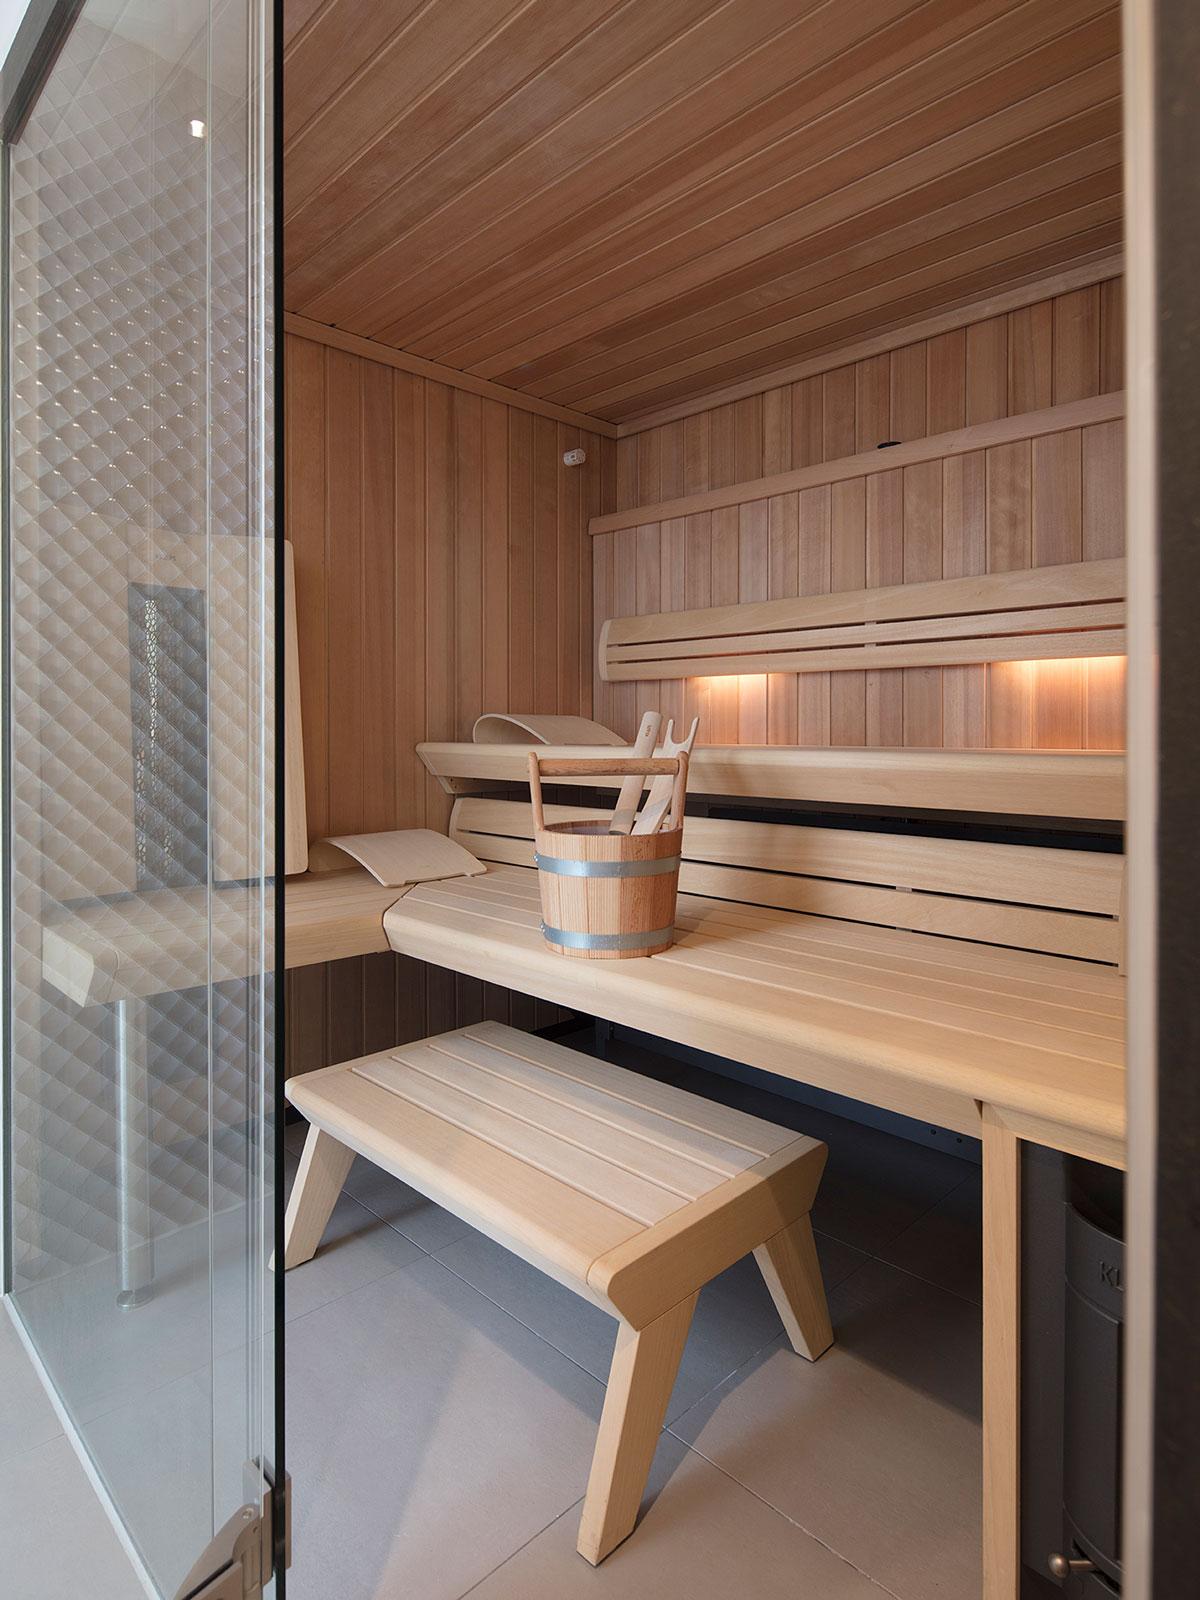 eigen spa thuis, ambiance premium wellness, ambiance, wellness